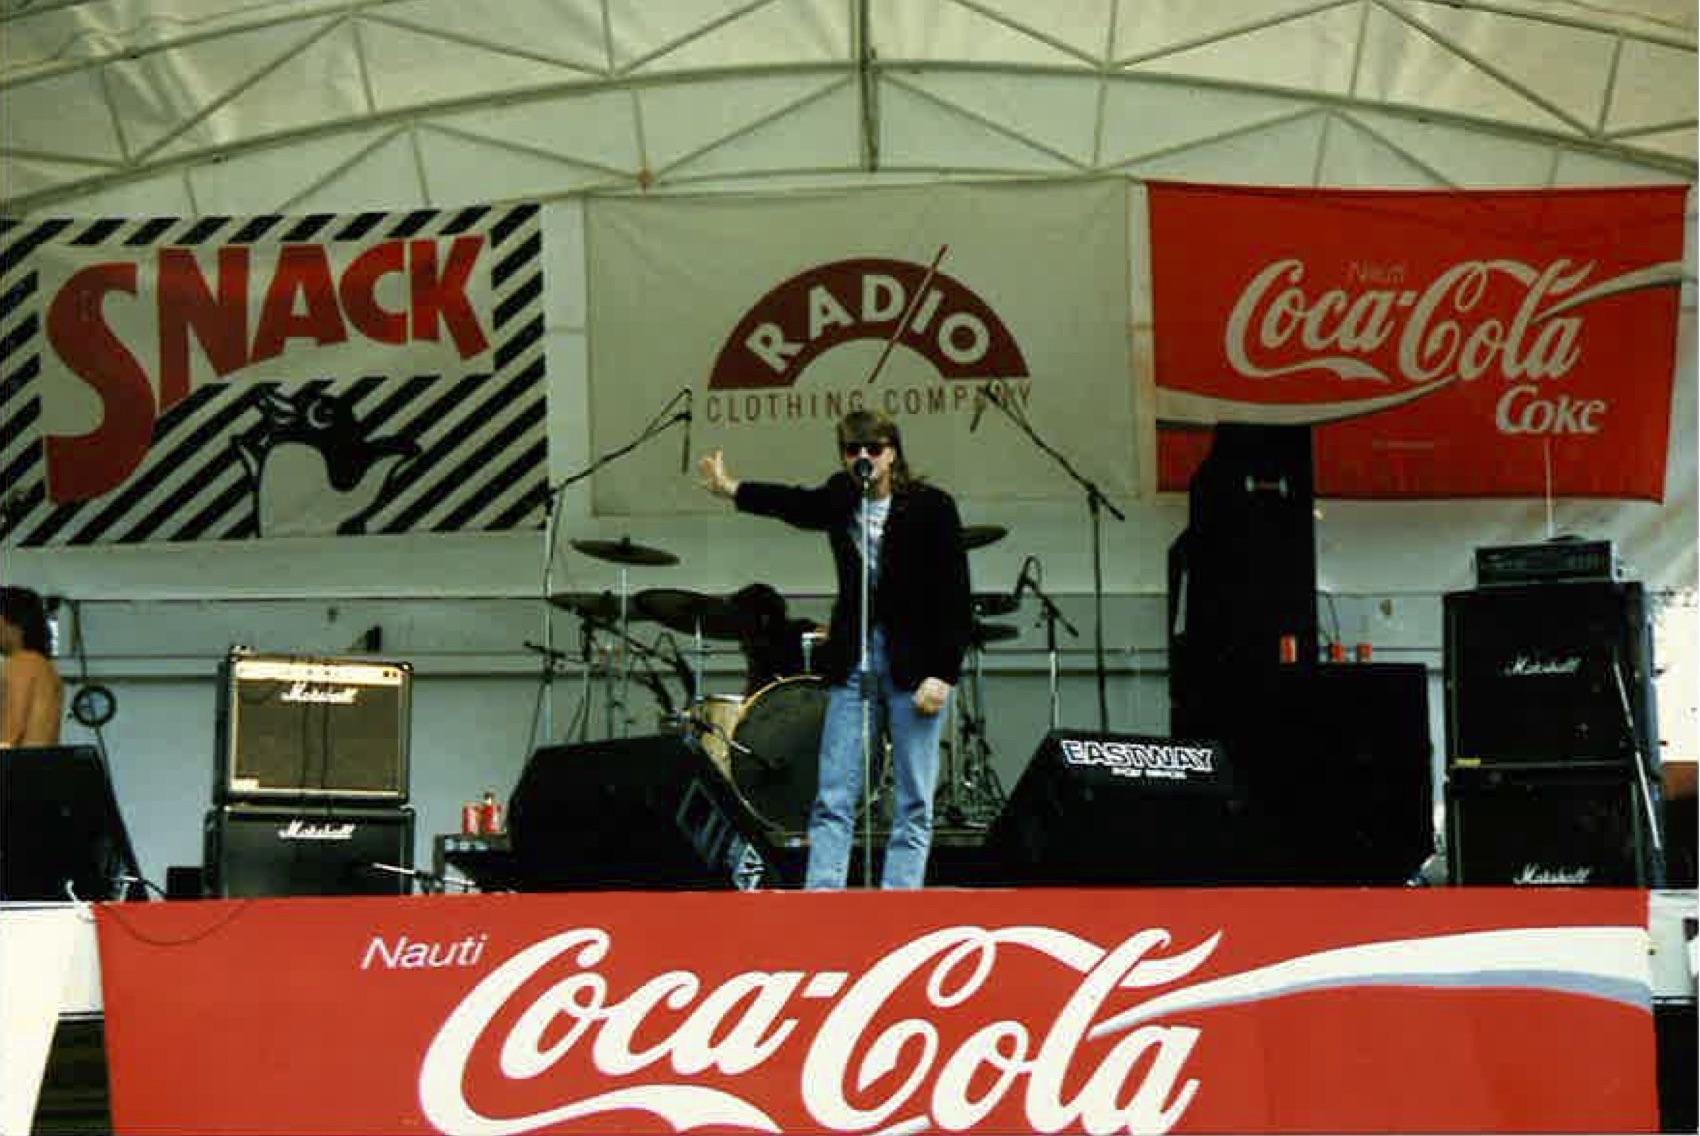 Ettanin Kaivarin konsertti, ehkä 1992